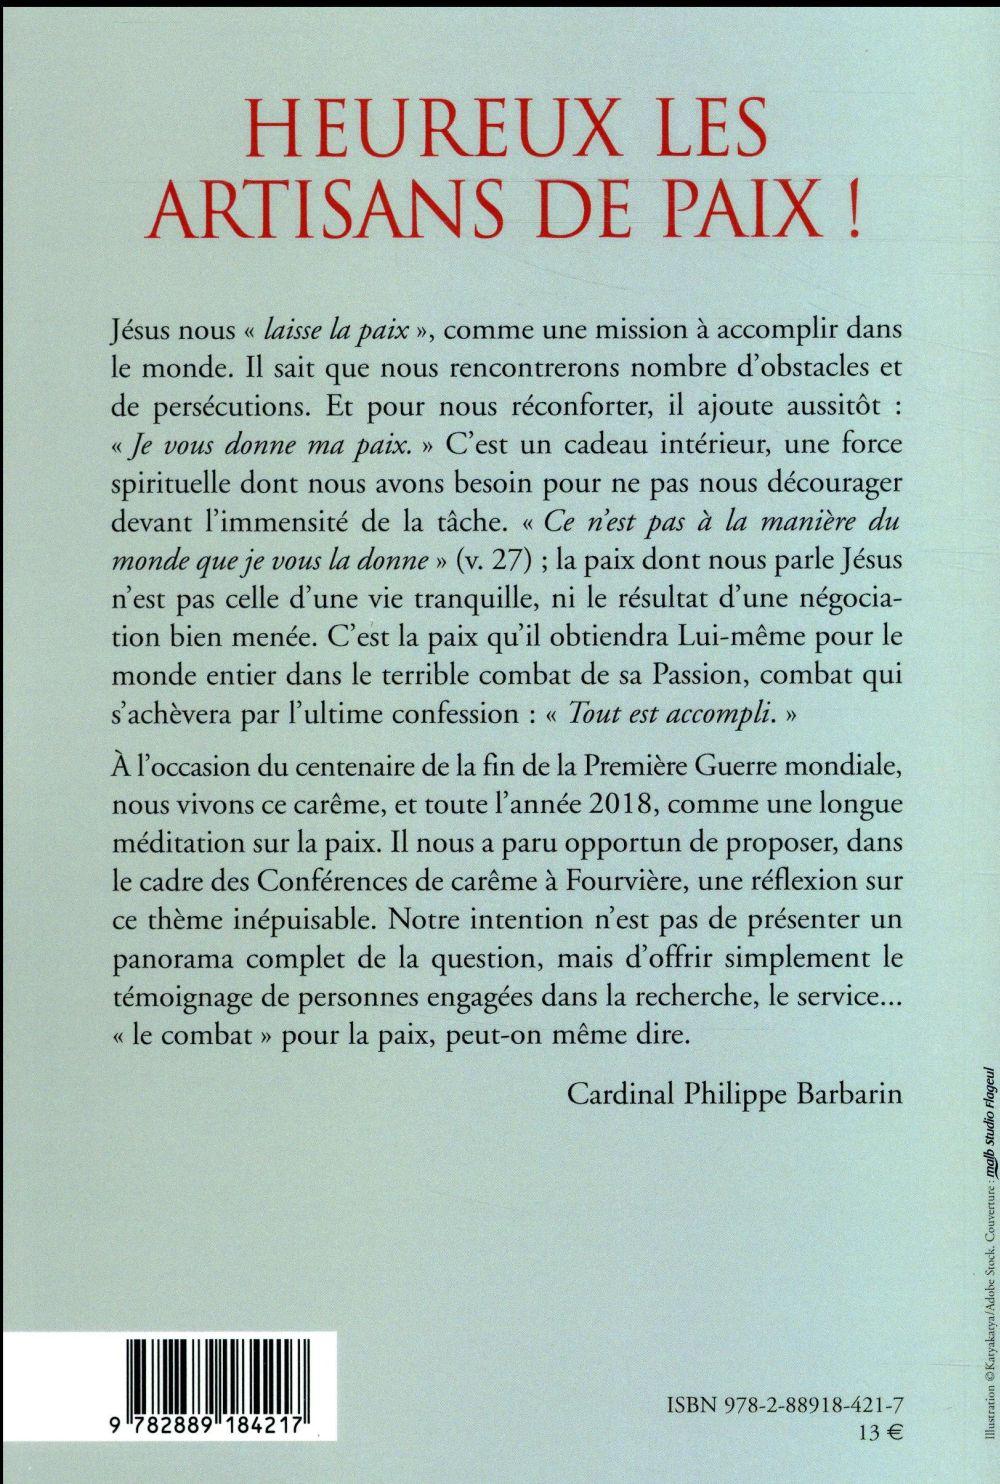 Heureux Les Artisans De Paix : heureux, artisans, Heureux, Artisans, Philippe, Barbarin, Parole, Silence, Grand, Format, Livre, NANCY